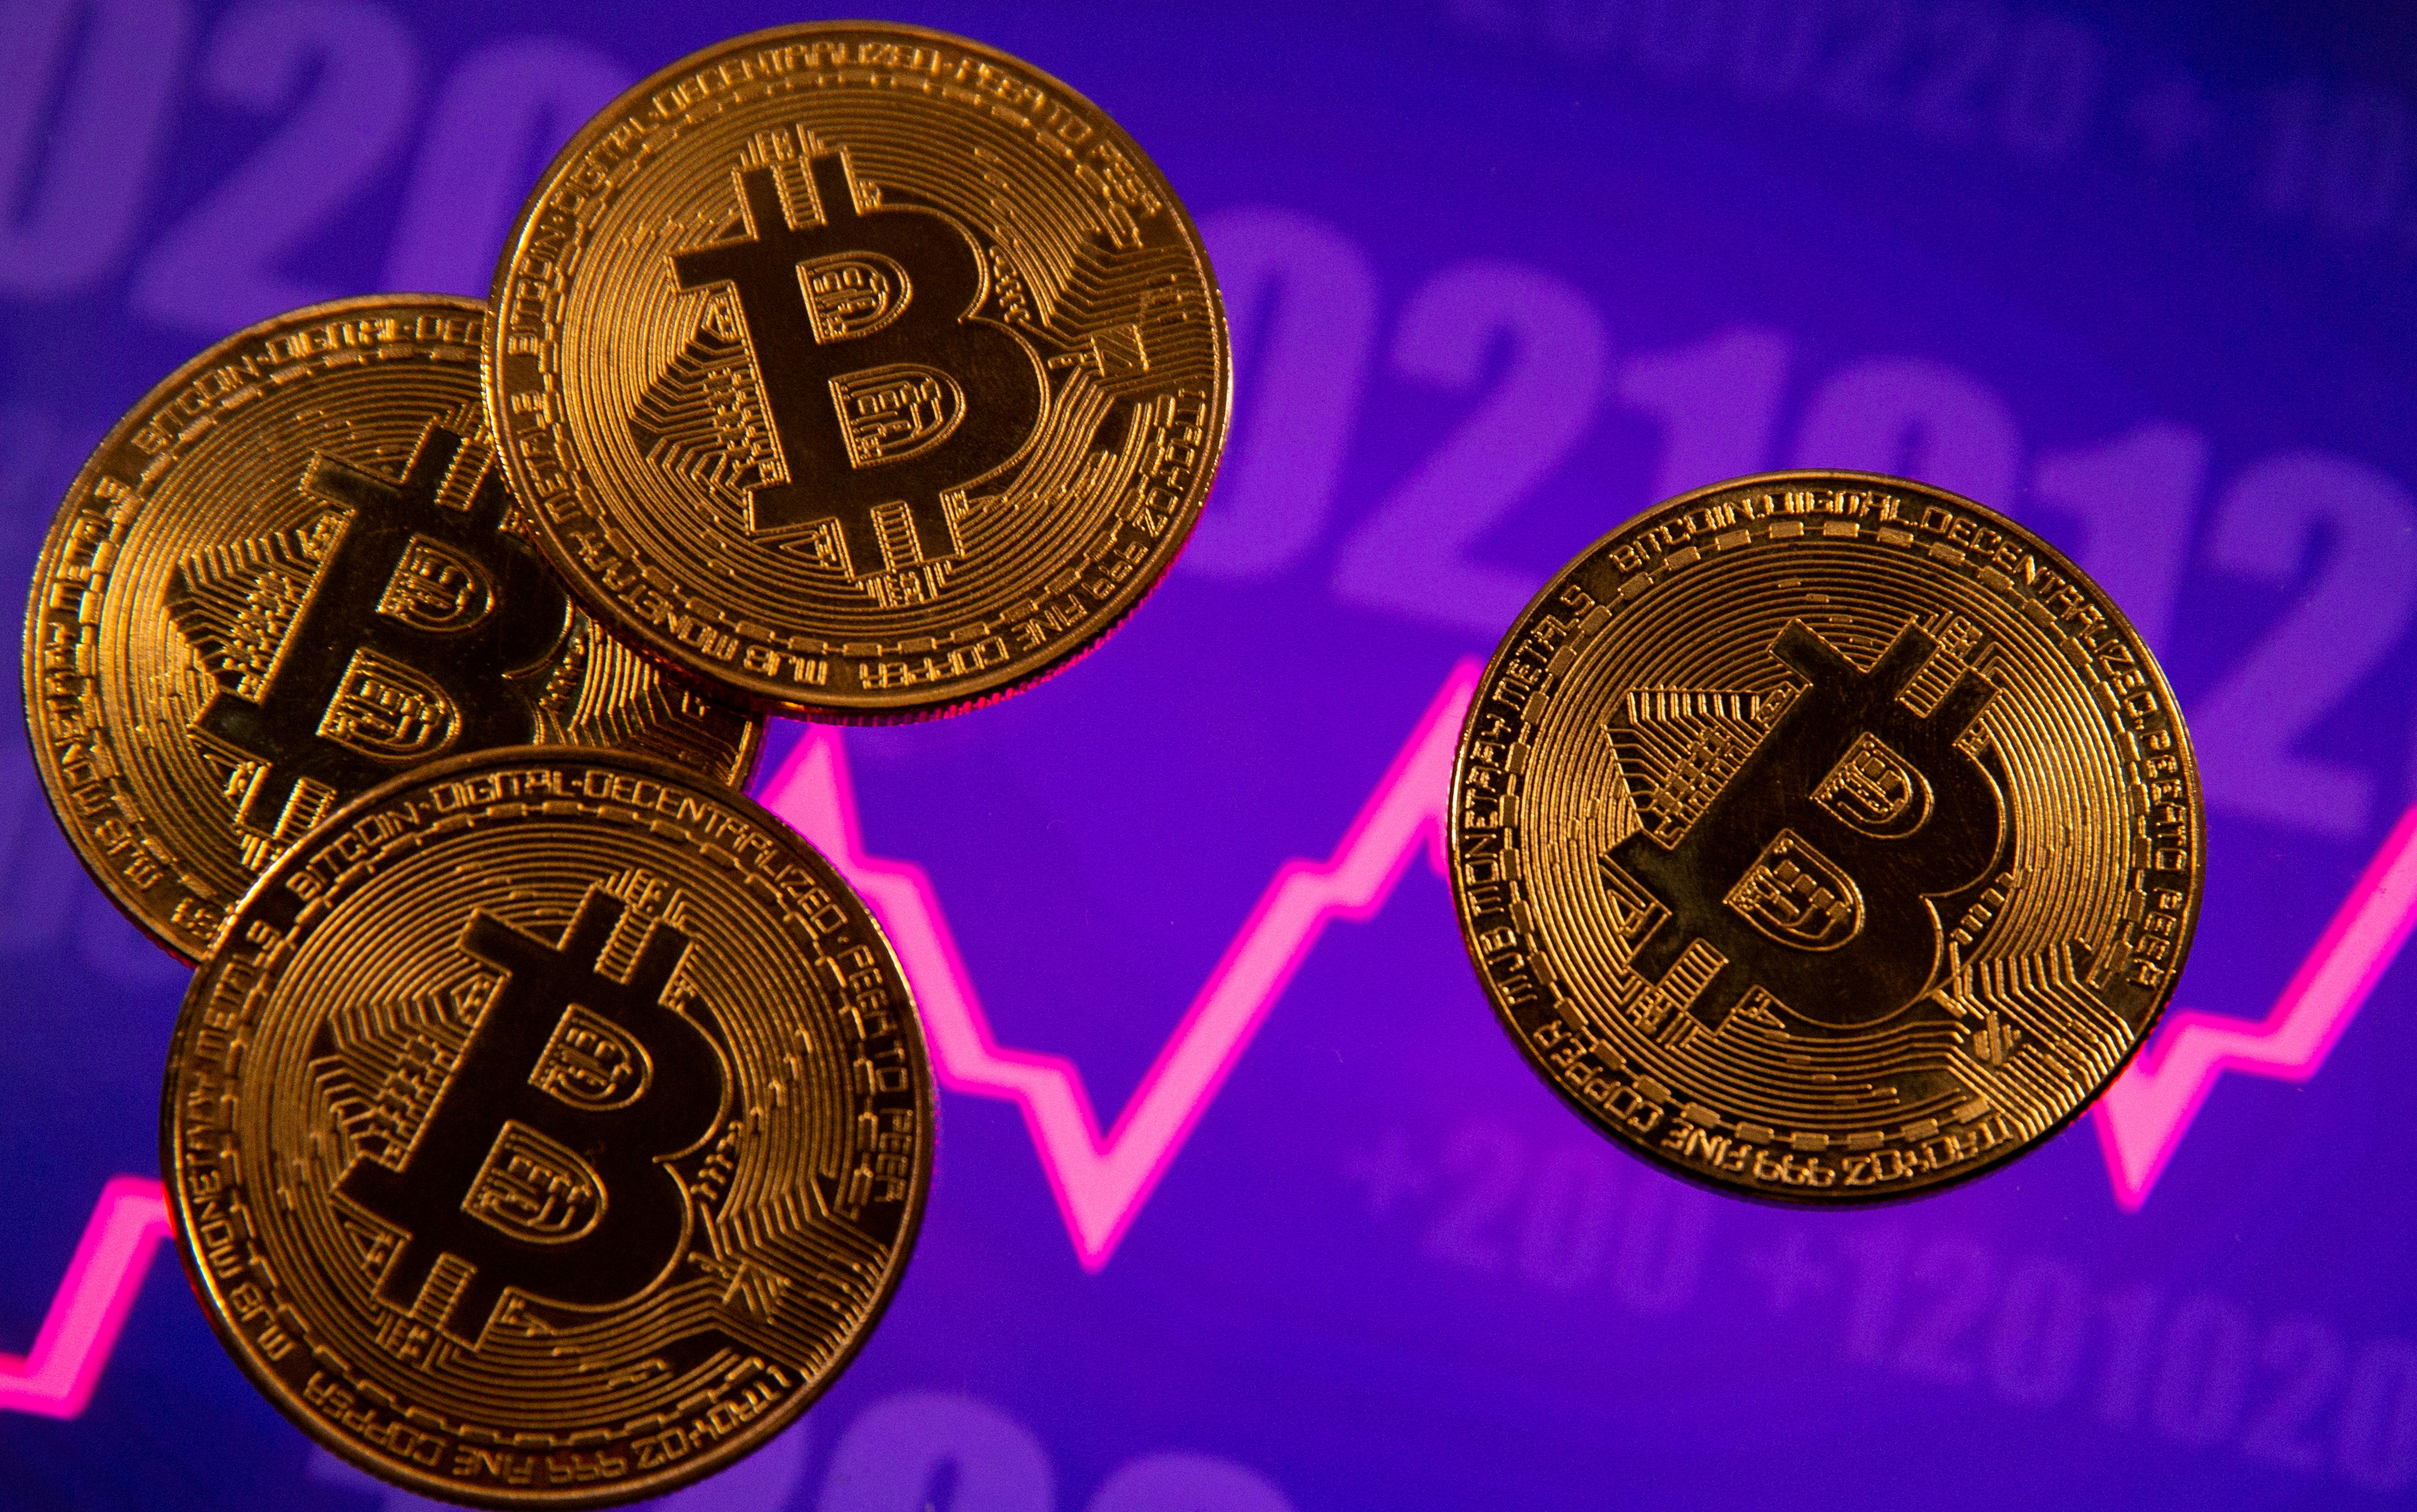 Representación gráfica de monedas de bitcoin.